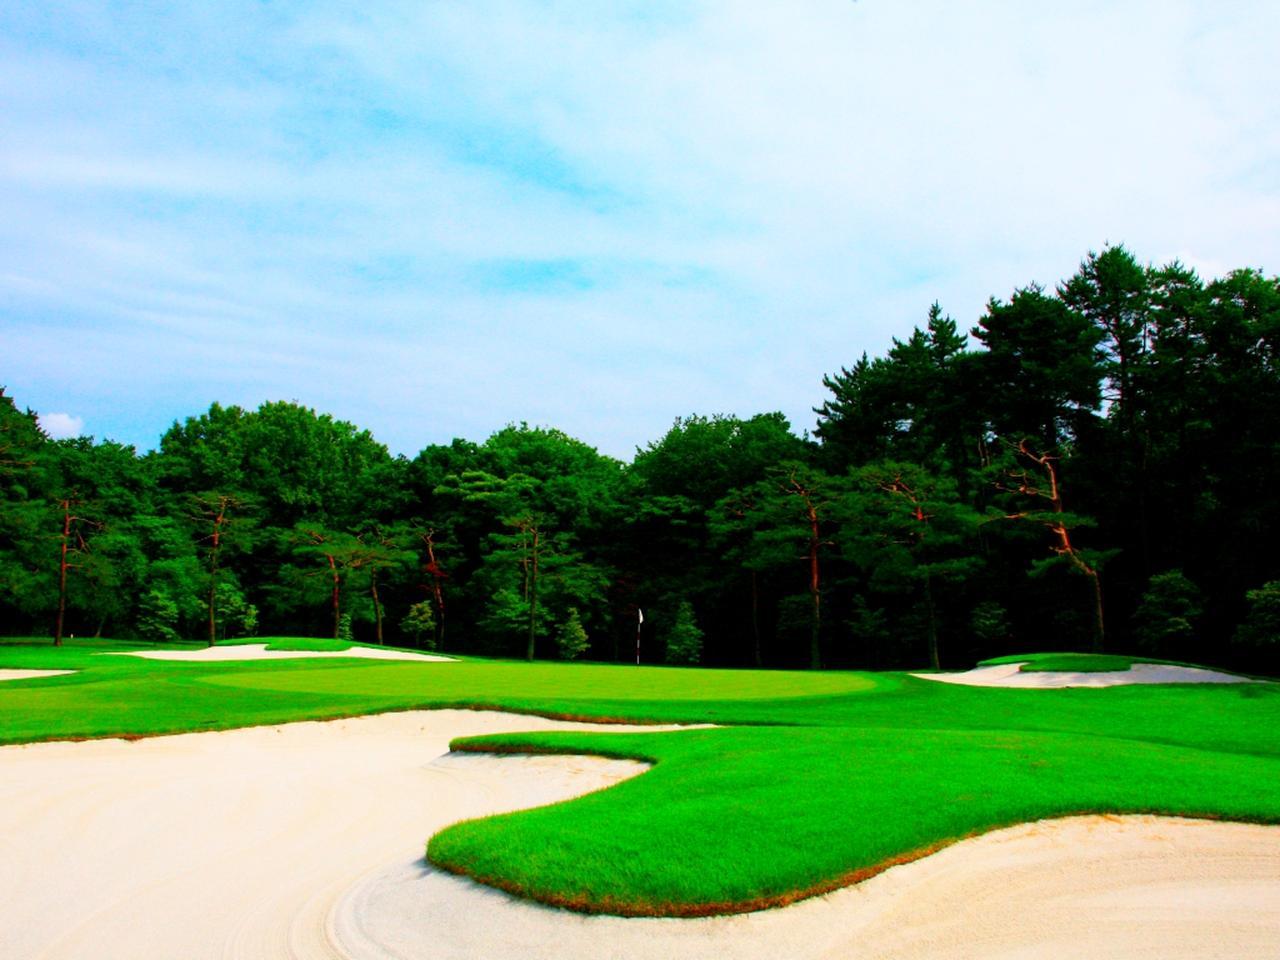 Images : 4番目の画像 - 大利根カントリークラブ - ゴルフへ行こうWEB by ゴルフダイジェスト